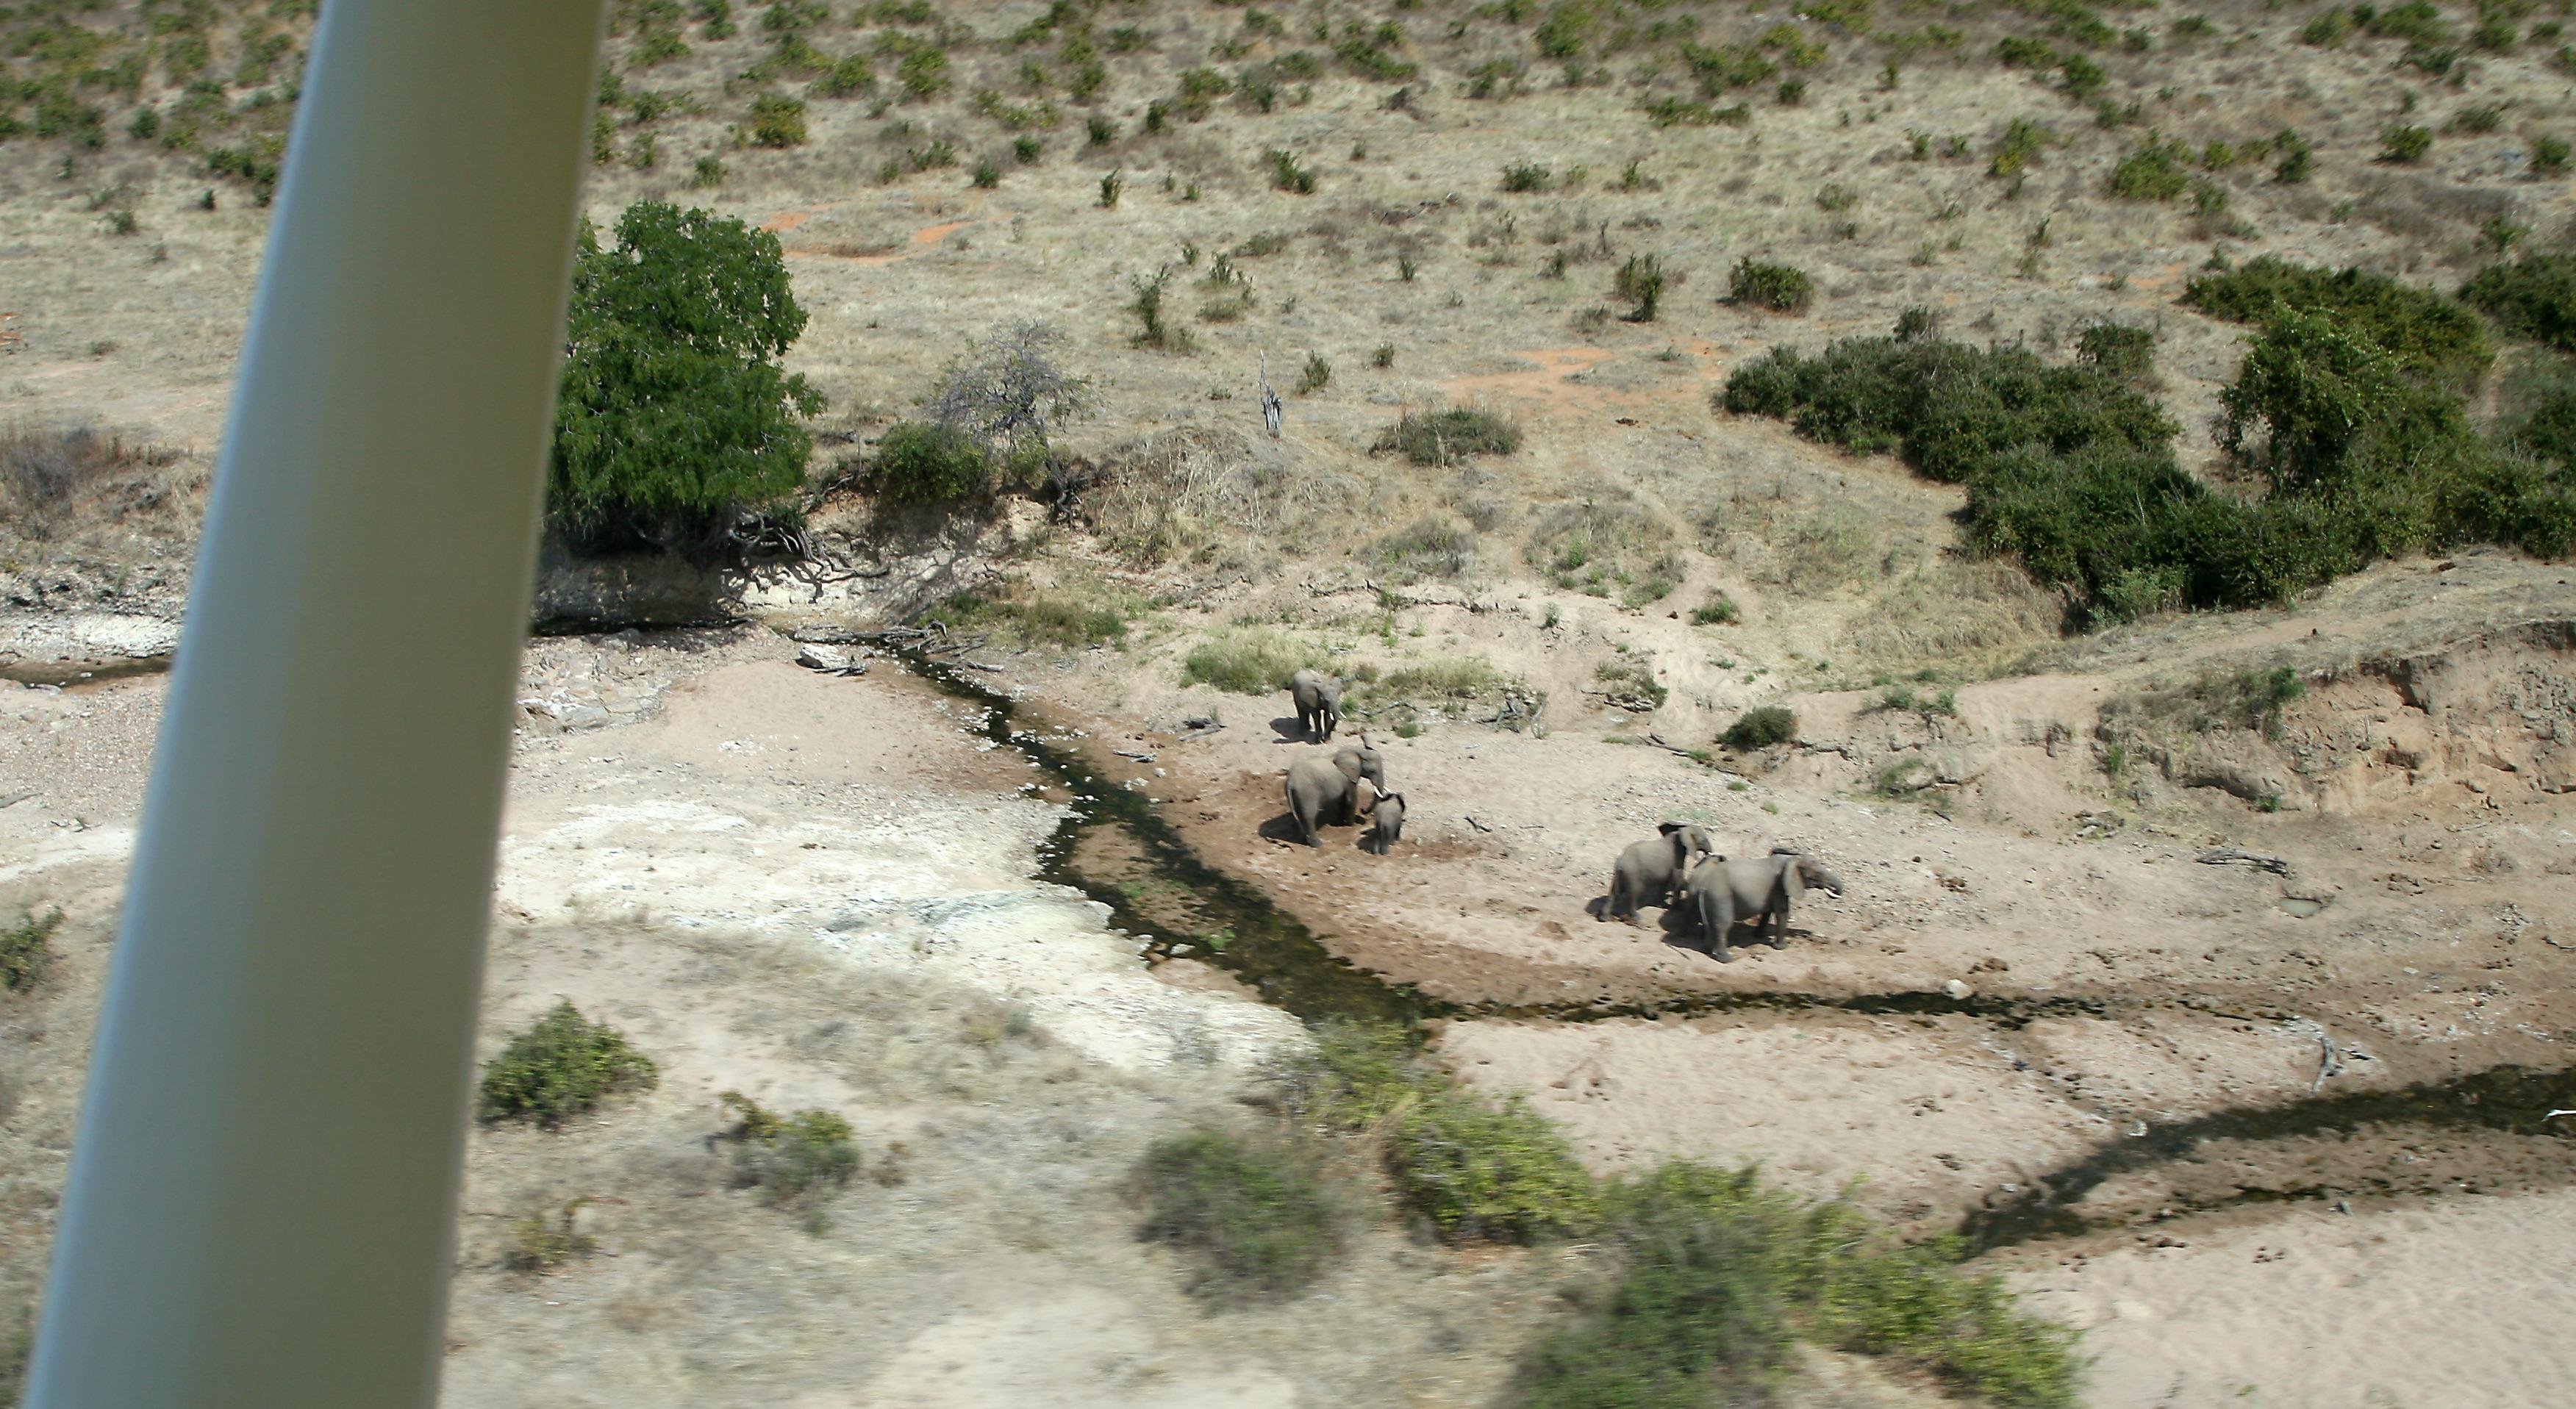 Een kudde olifanten in de rivierbedding, zoals gezien vanuit een klein vliegtuigje